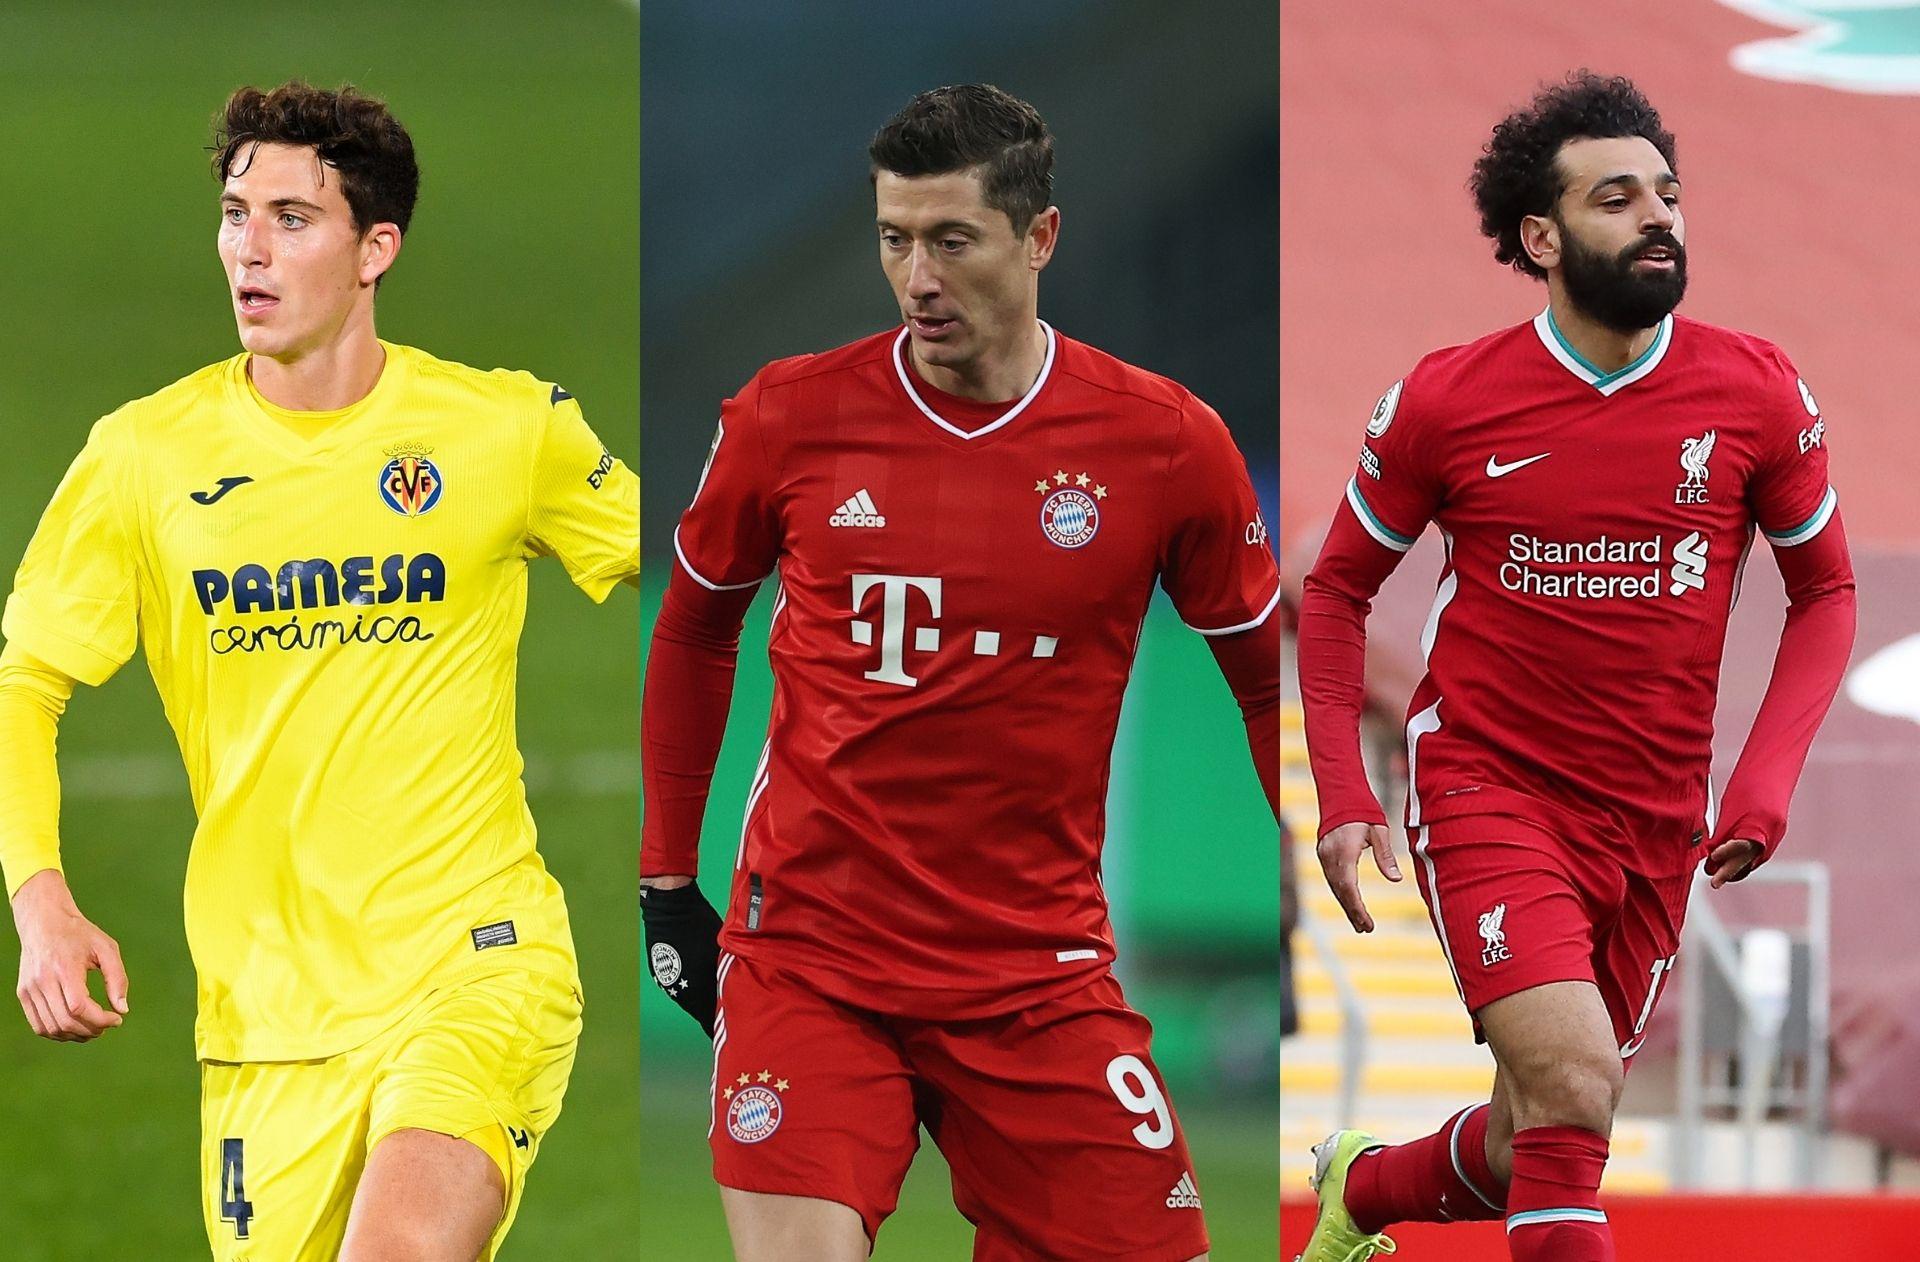 Paul Torres of Villarreal, Robert Lewandowski of Bayern Munich, Mohamed Salah of Liverpool